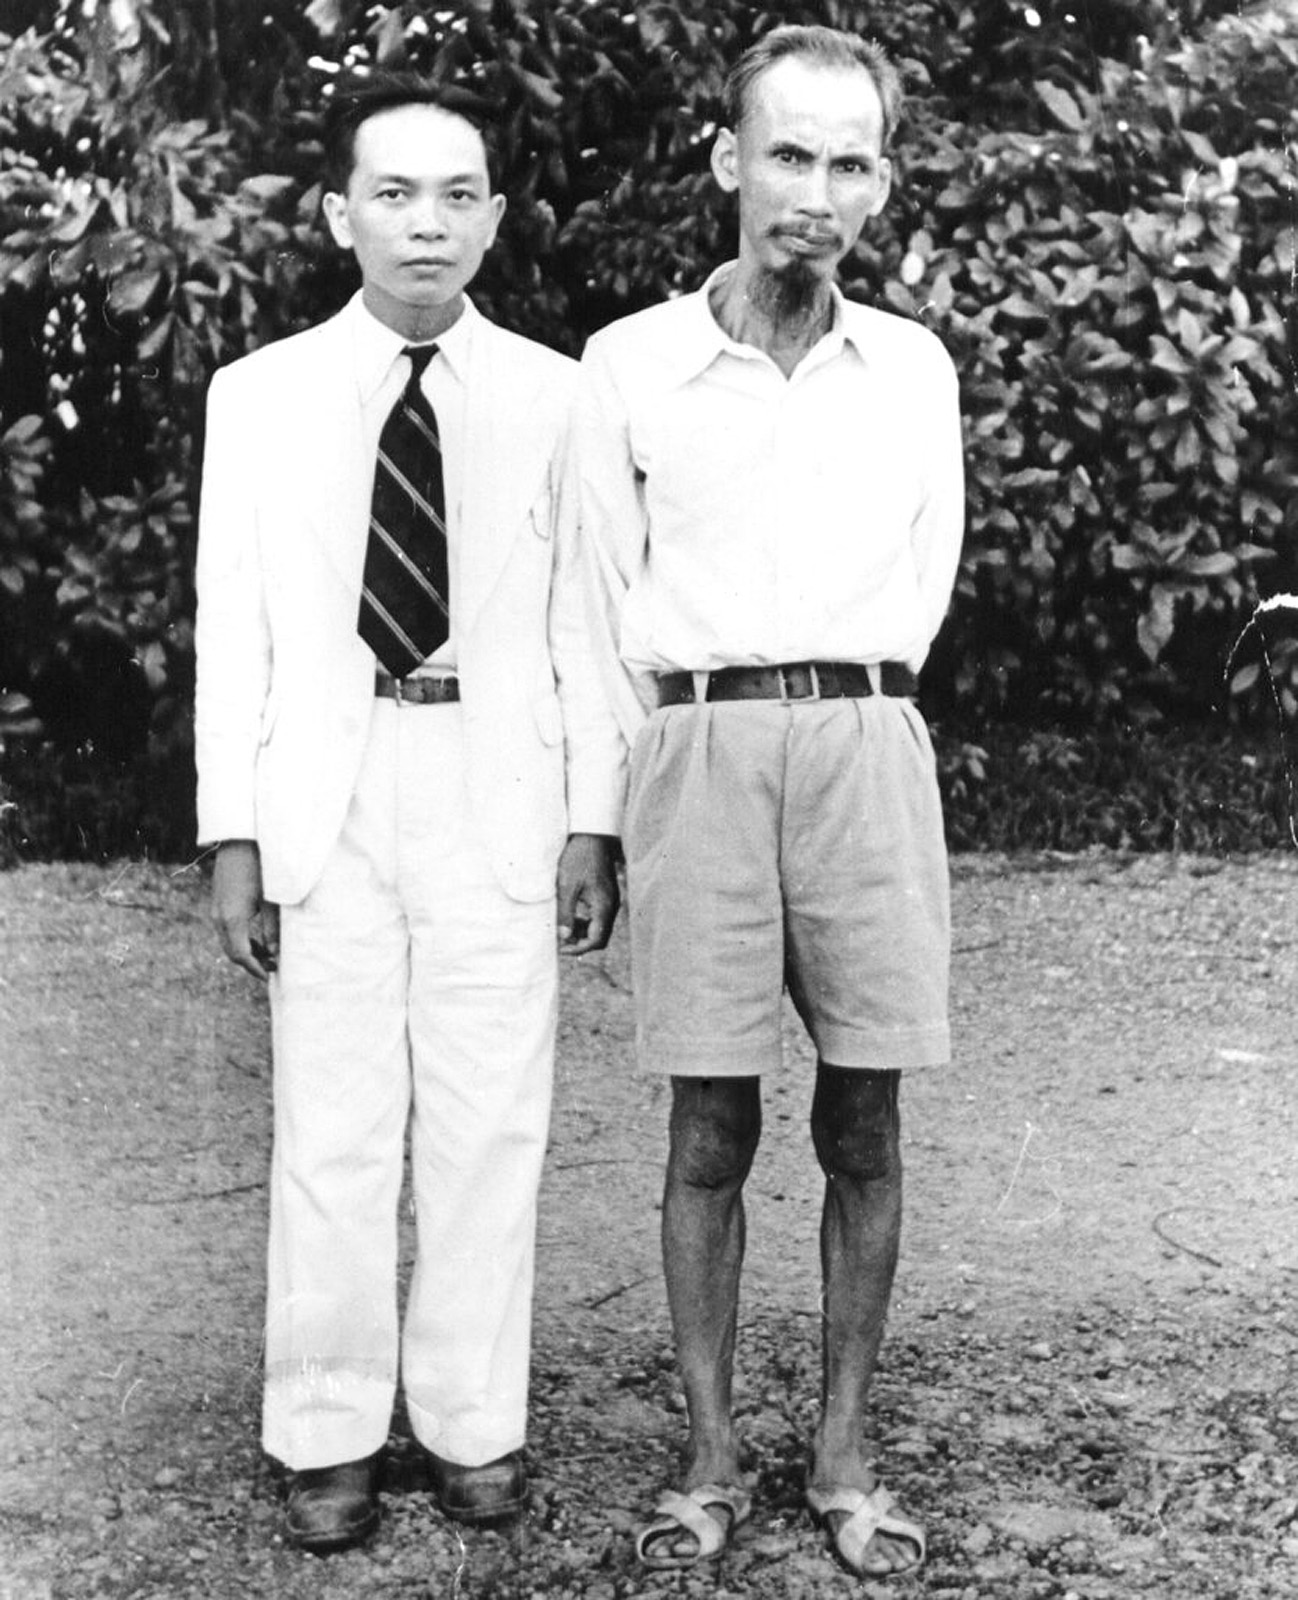 Hồ Chí Minh (right) with Vo Nguyen Giap (left)...